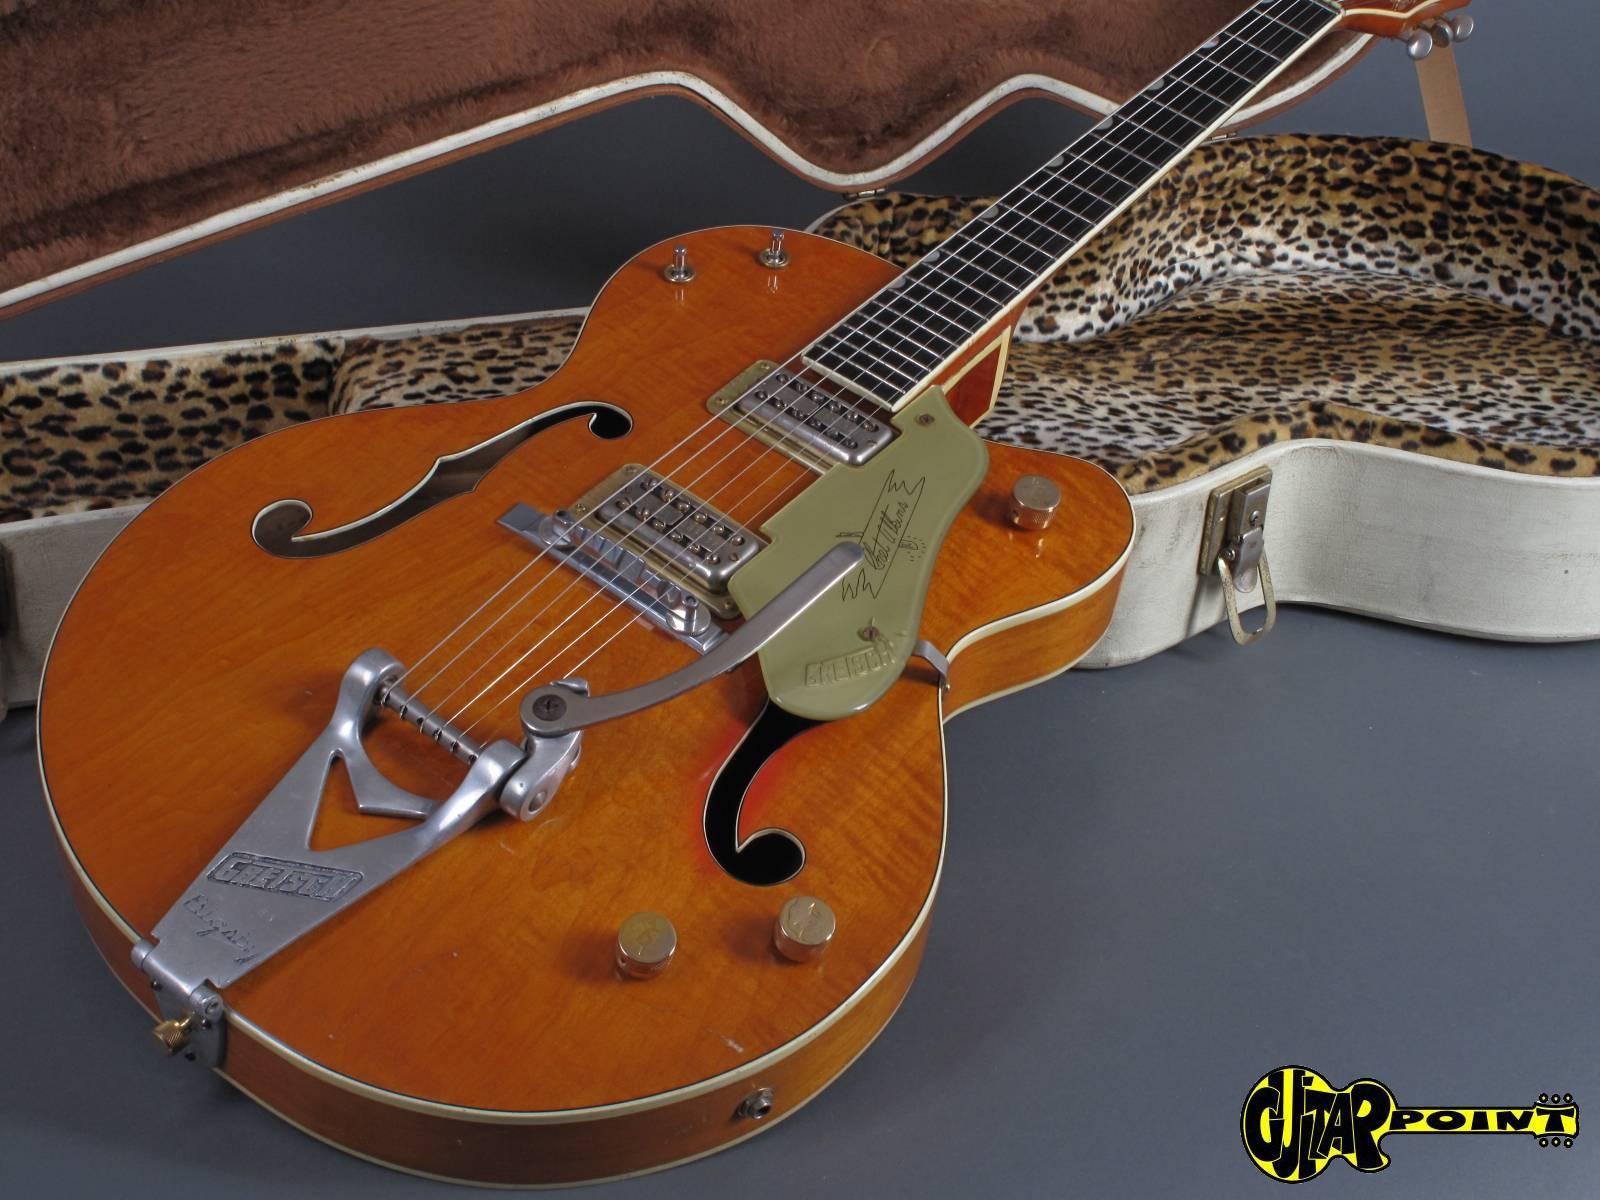 1961 gretsch 6120 chet atkins orange single cutaway vi61gret6120 42860. Black Bedroom Furniture Sets. Home Design Ideas